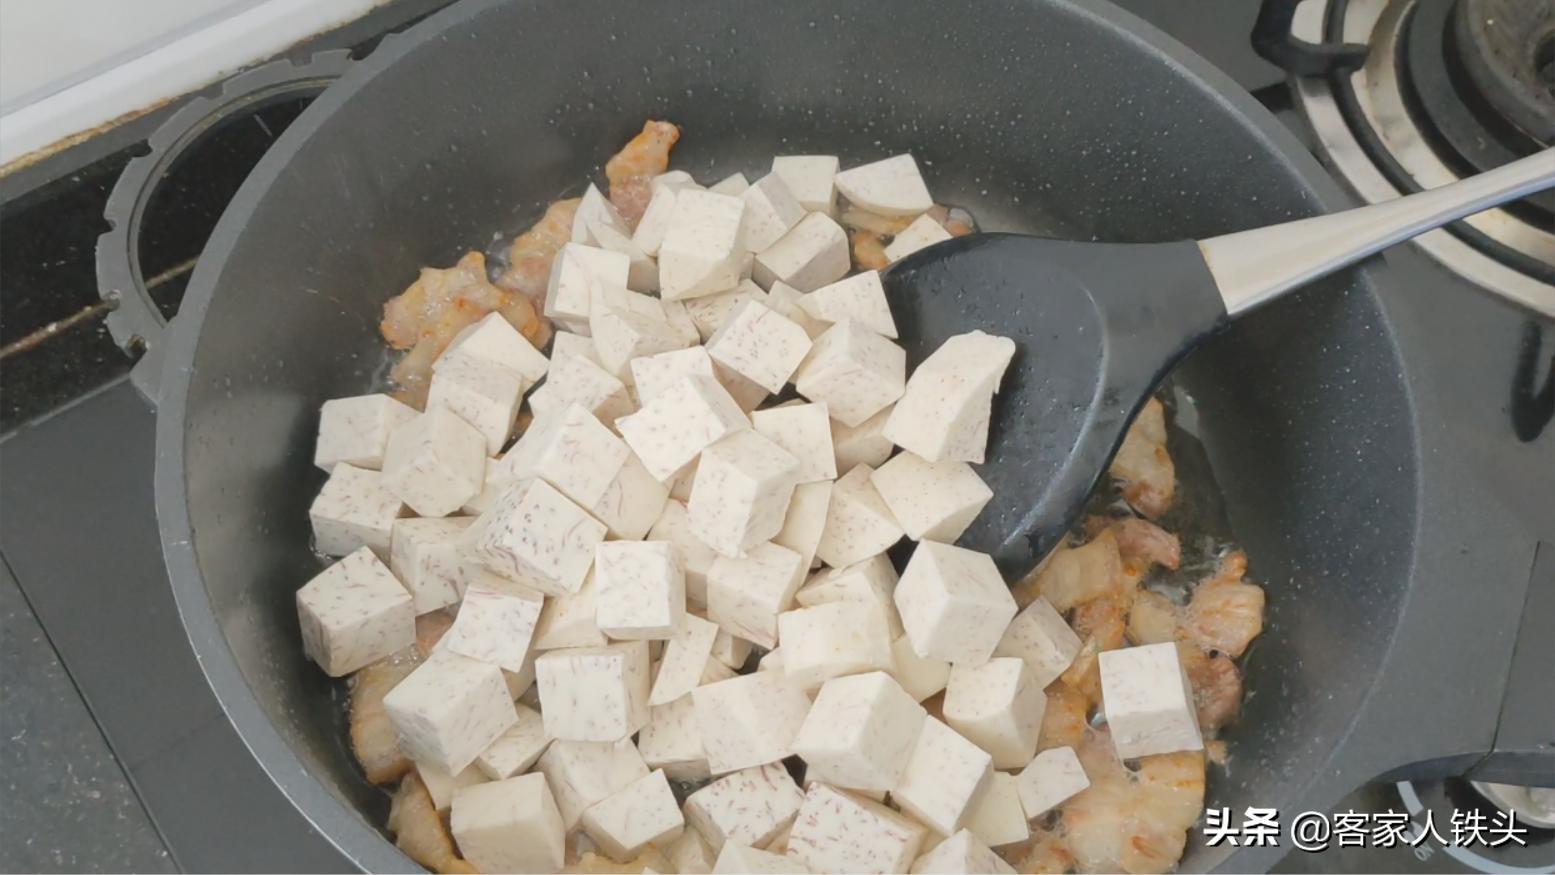 客家人愛吃的油豆腐,加1個香芋一起做,鹹香粉糯,咬一口滿嘴香